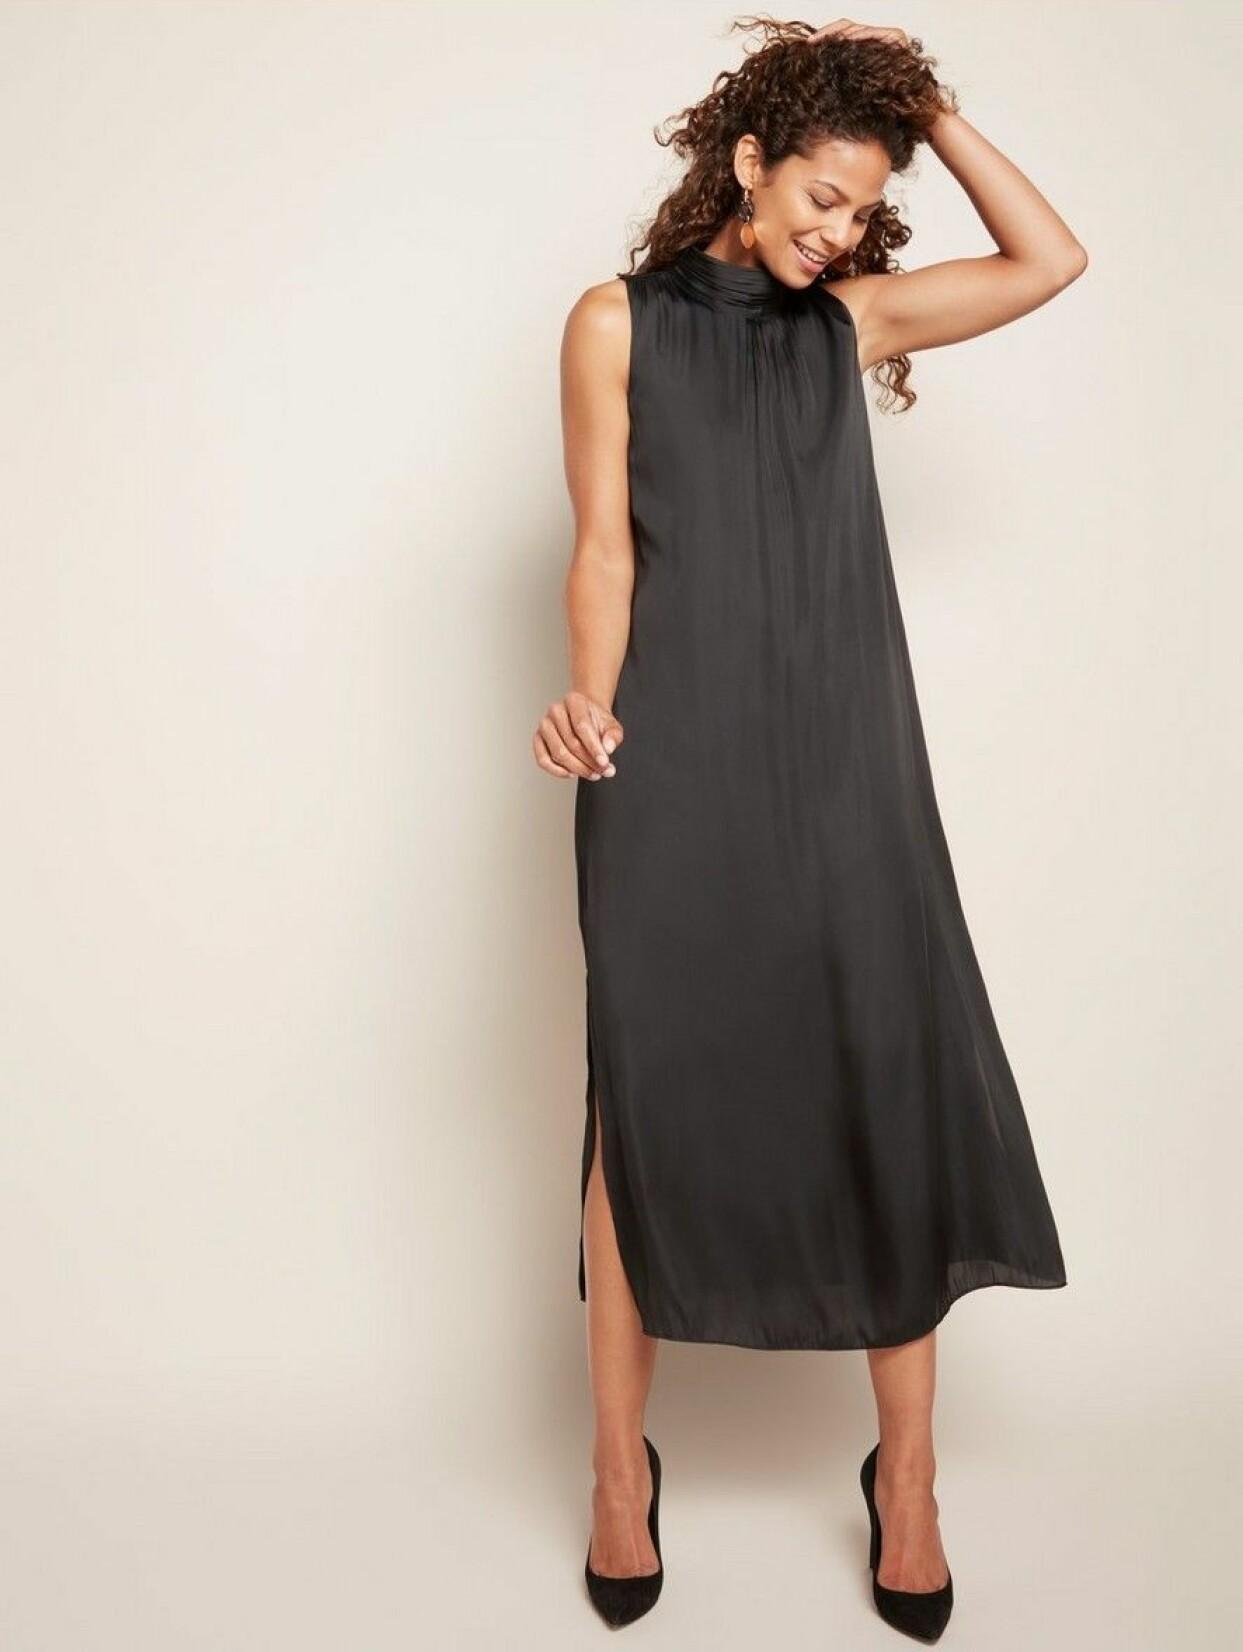 Svart ärmlös klänning med ståkrage, från Lindex